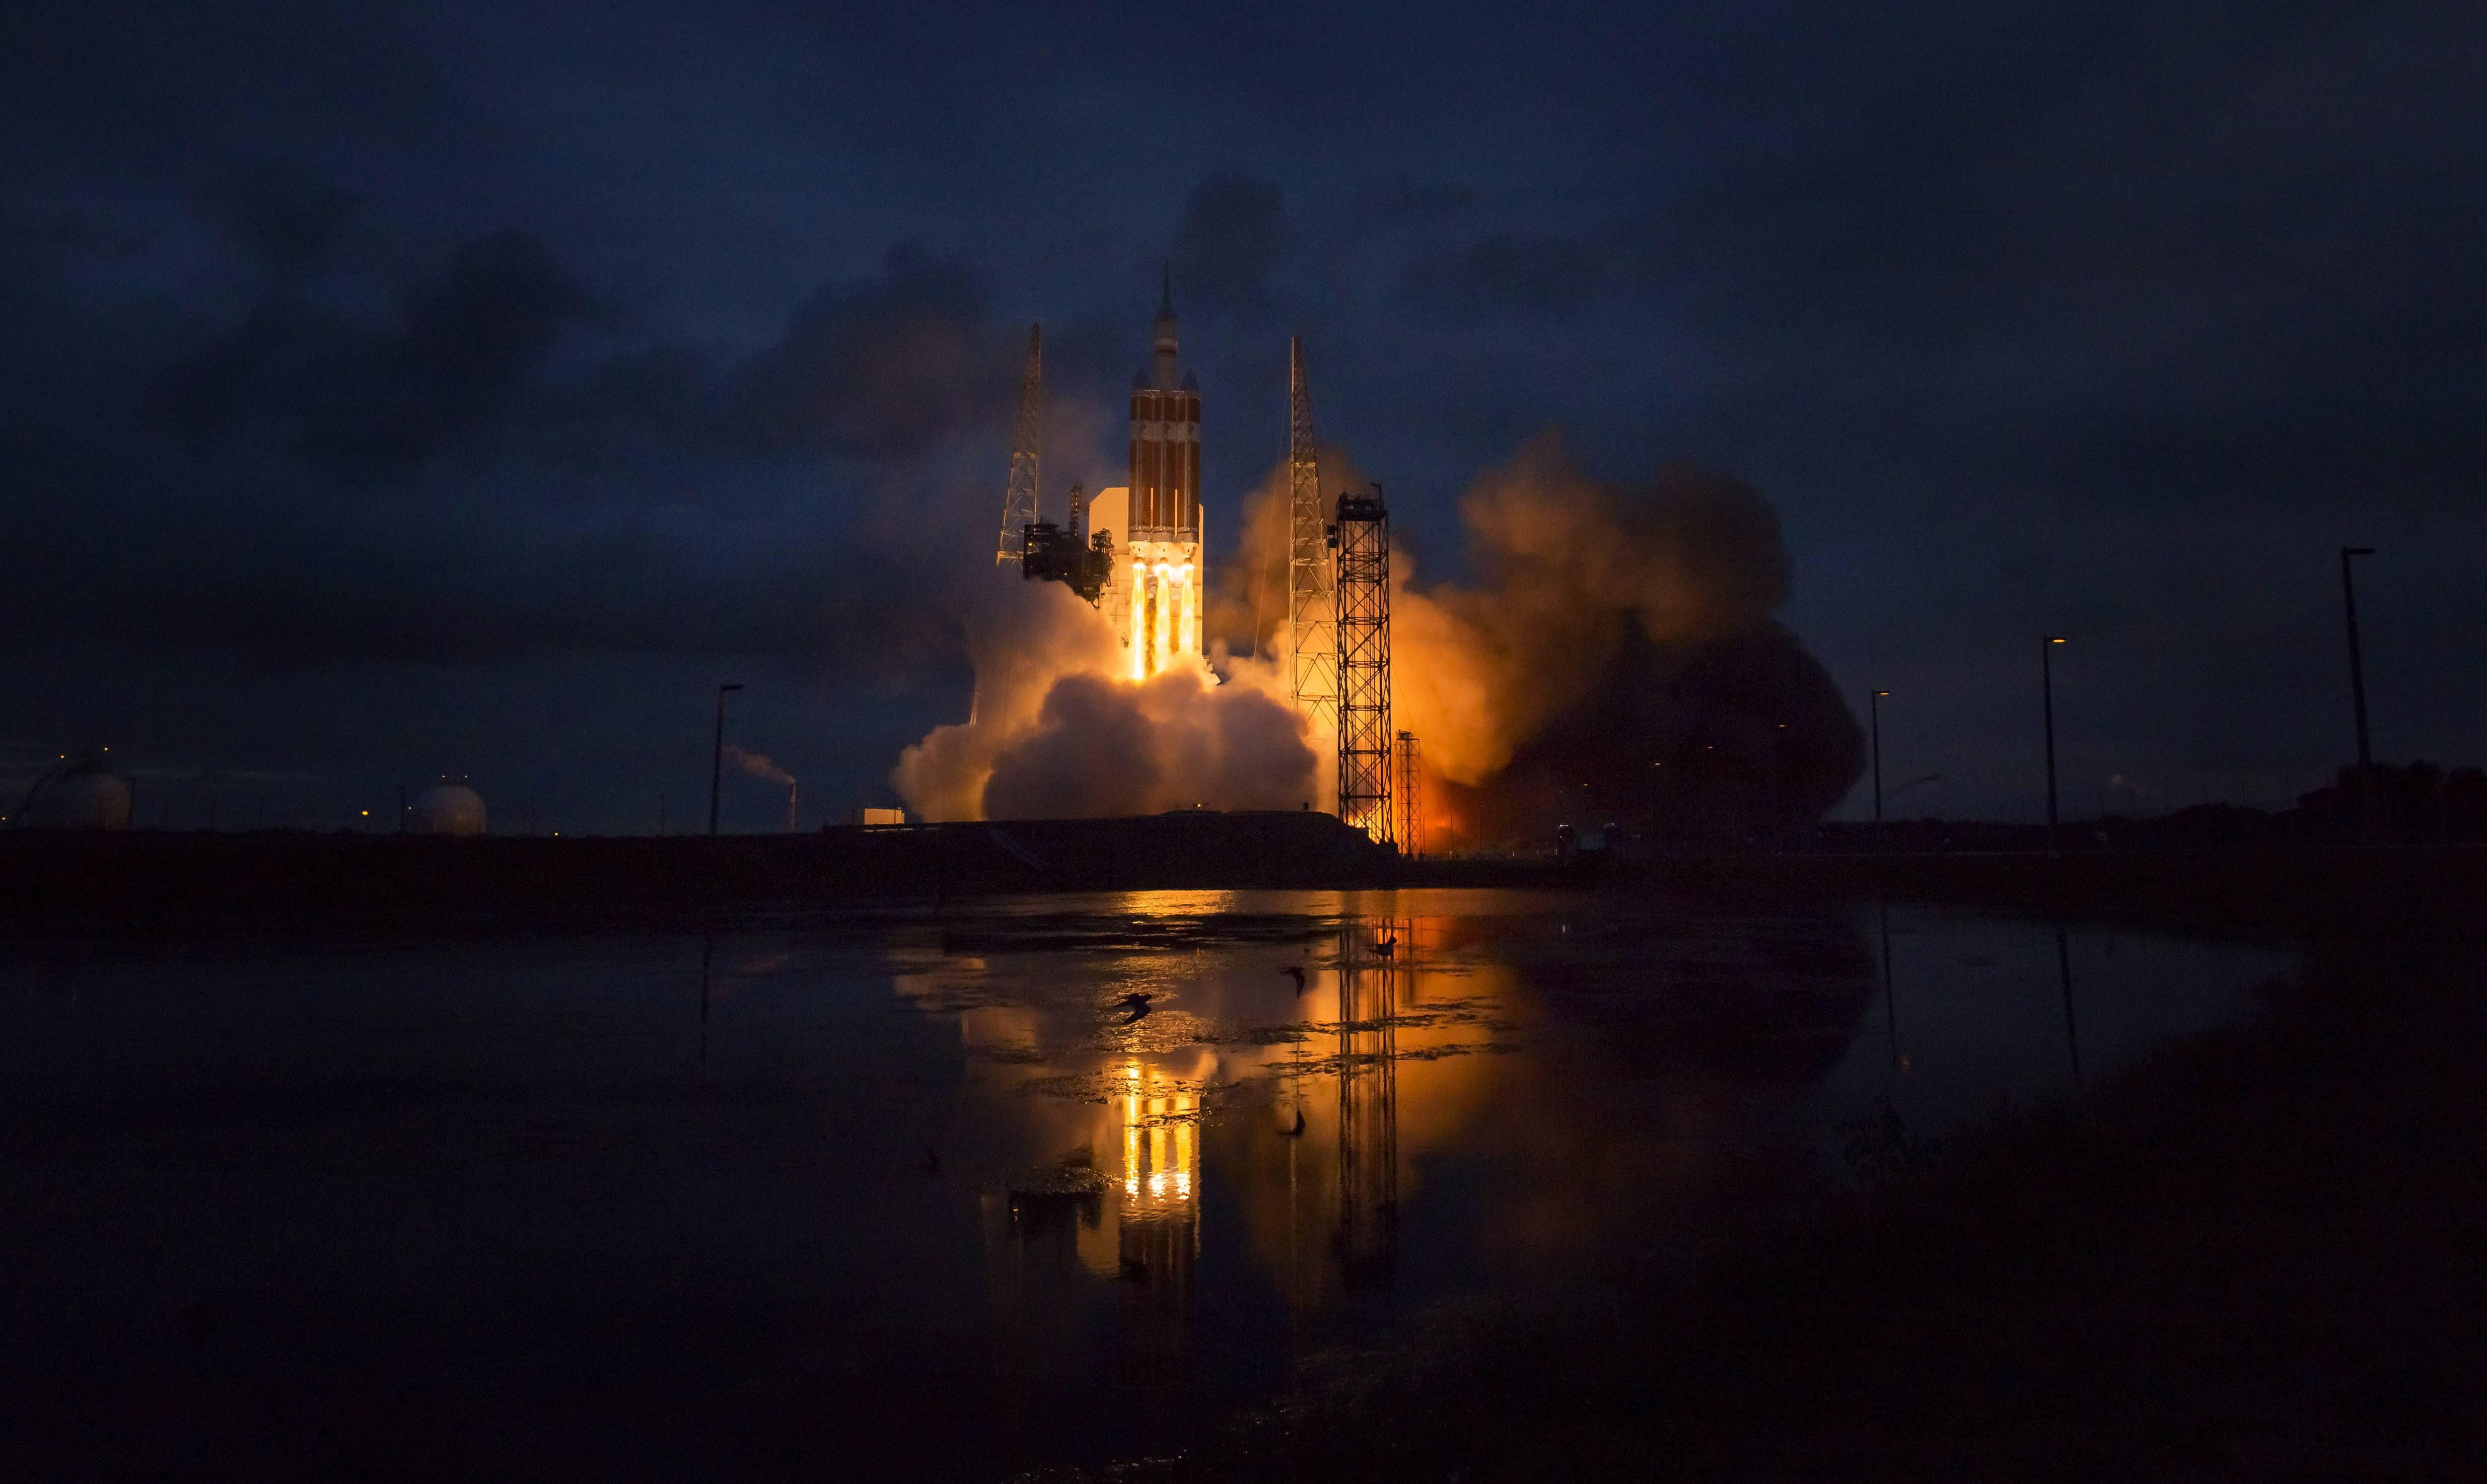 La vida dentro de Orion, la nueva nave espacial tripulada de la NASA